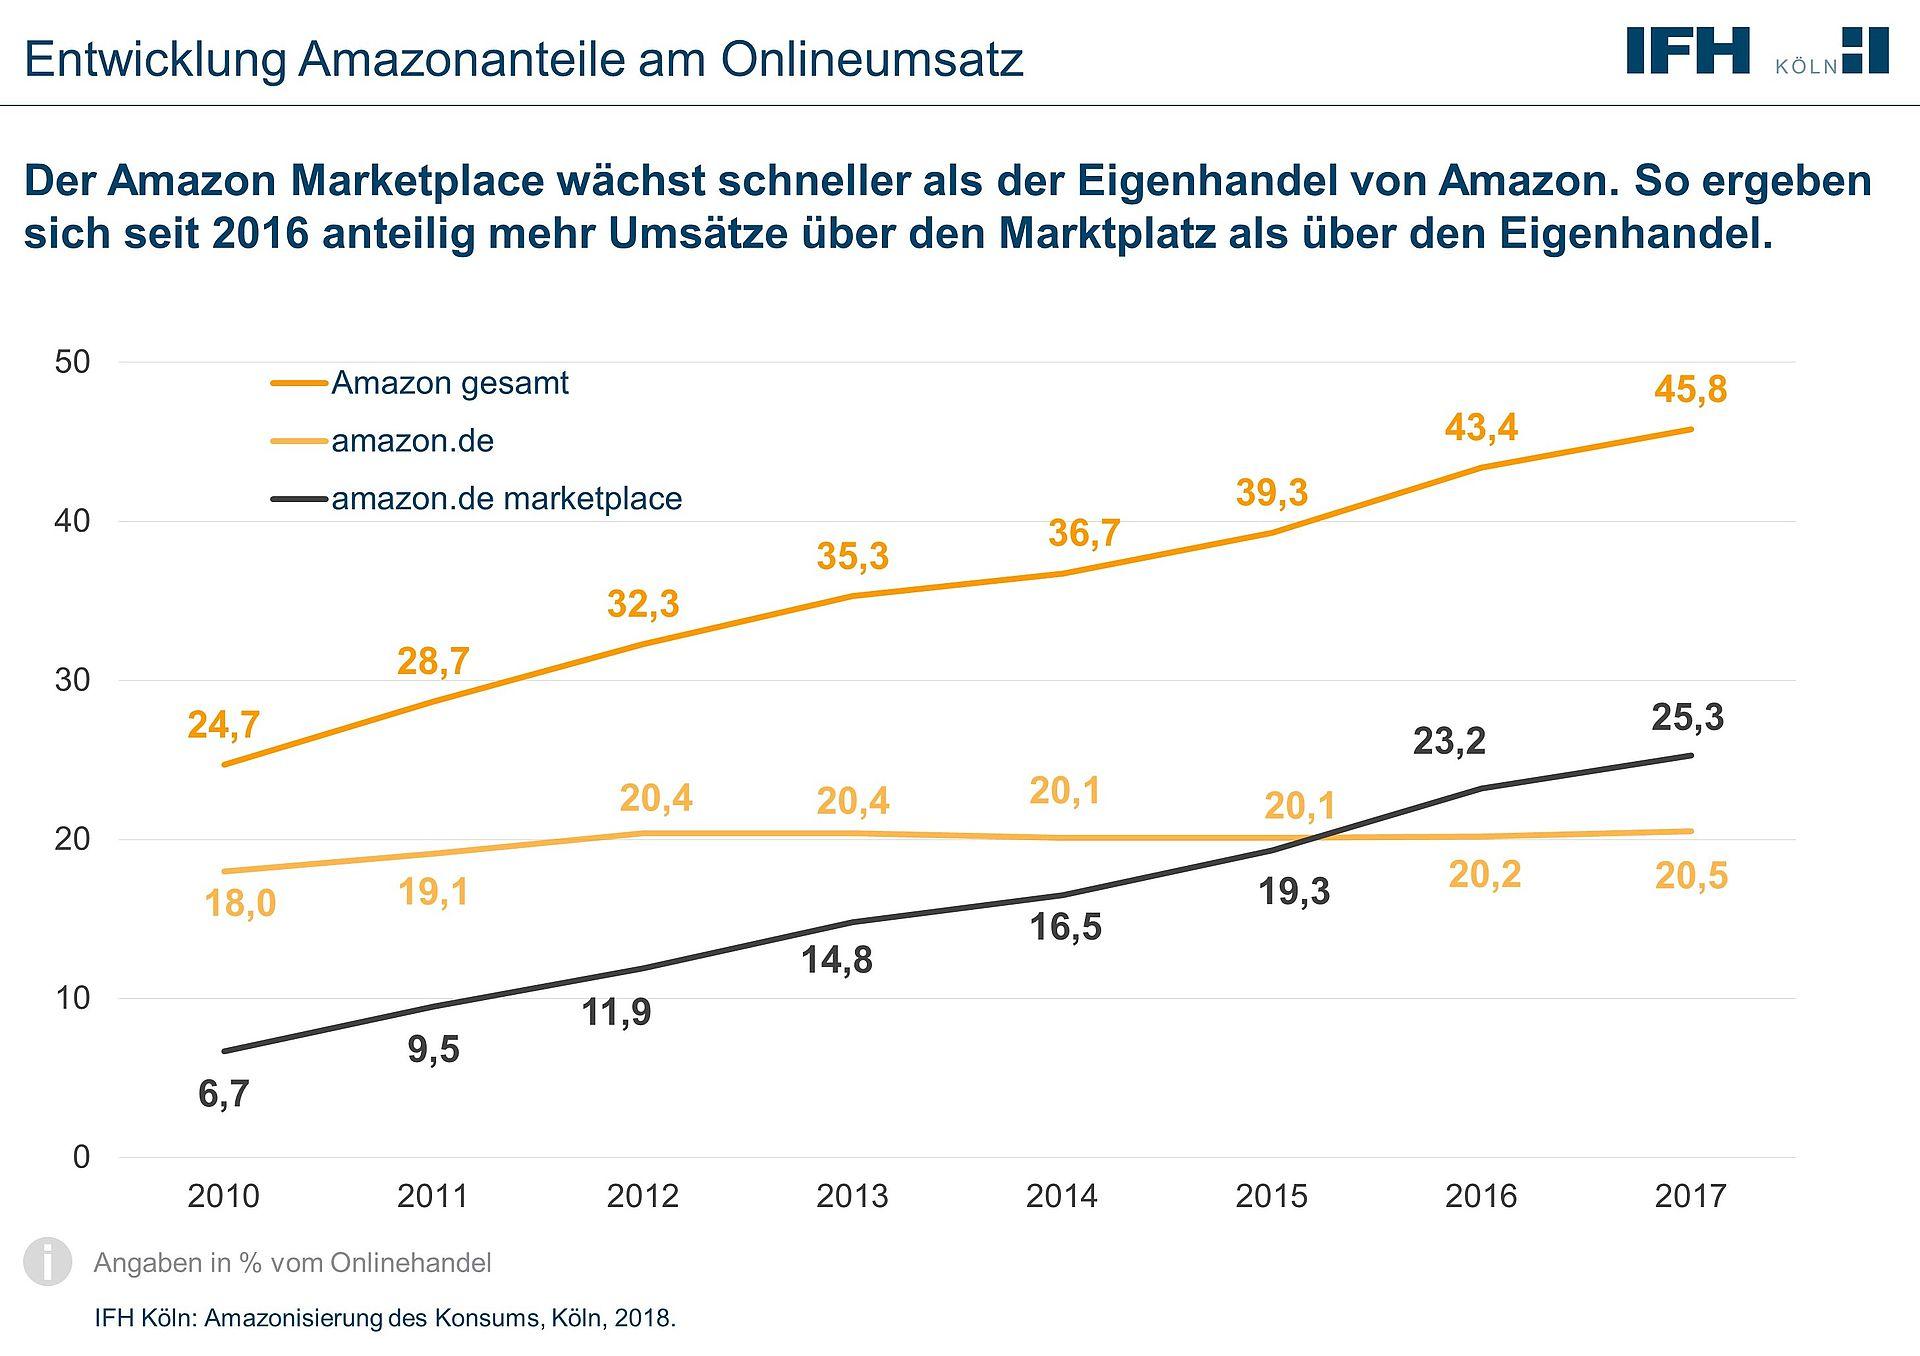 Diagramm der Entwicklung der Amazonanteil am Onlineumsatz in den Jahren 2010 bis 2017. Der gesamte Amazonanteil ist von 24,7 % auf 45,8 % angestiegen.